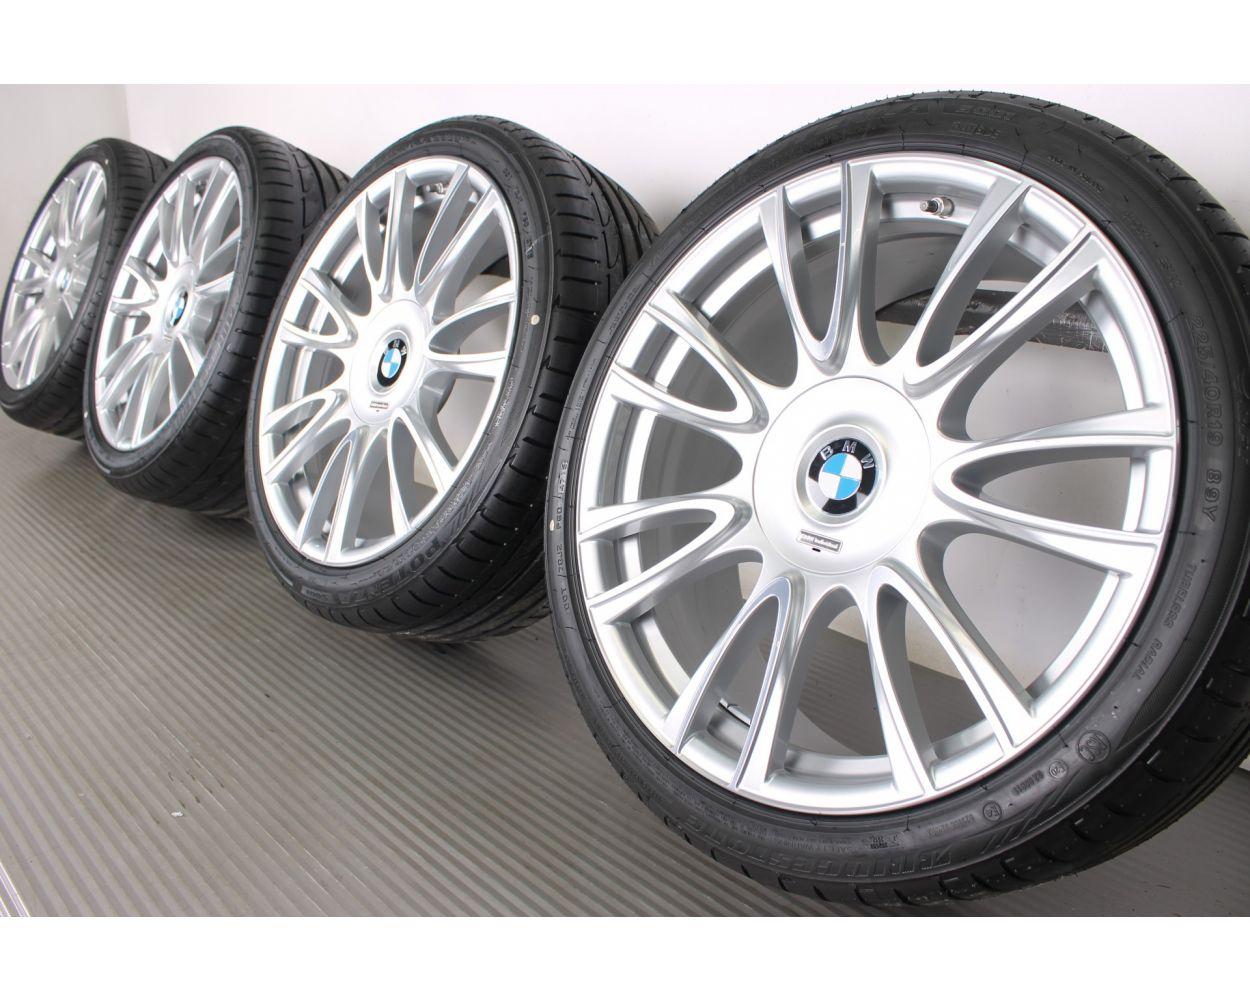 Bmw Summer Wheels 3er F30 F31 4er F32 F33 F36 19 Zoll Styl 439 Individual V Spoke Bicolor Silber Glanzgedreht